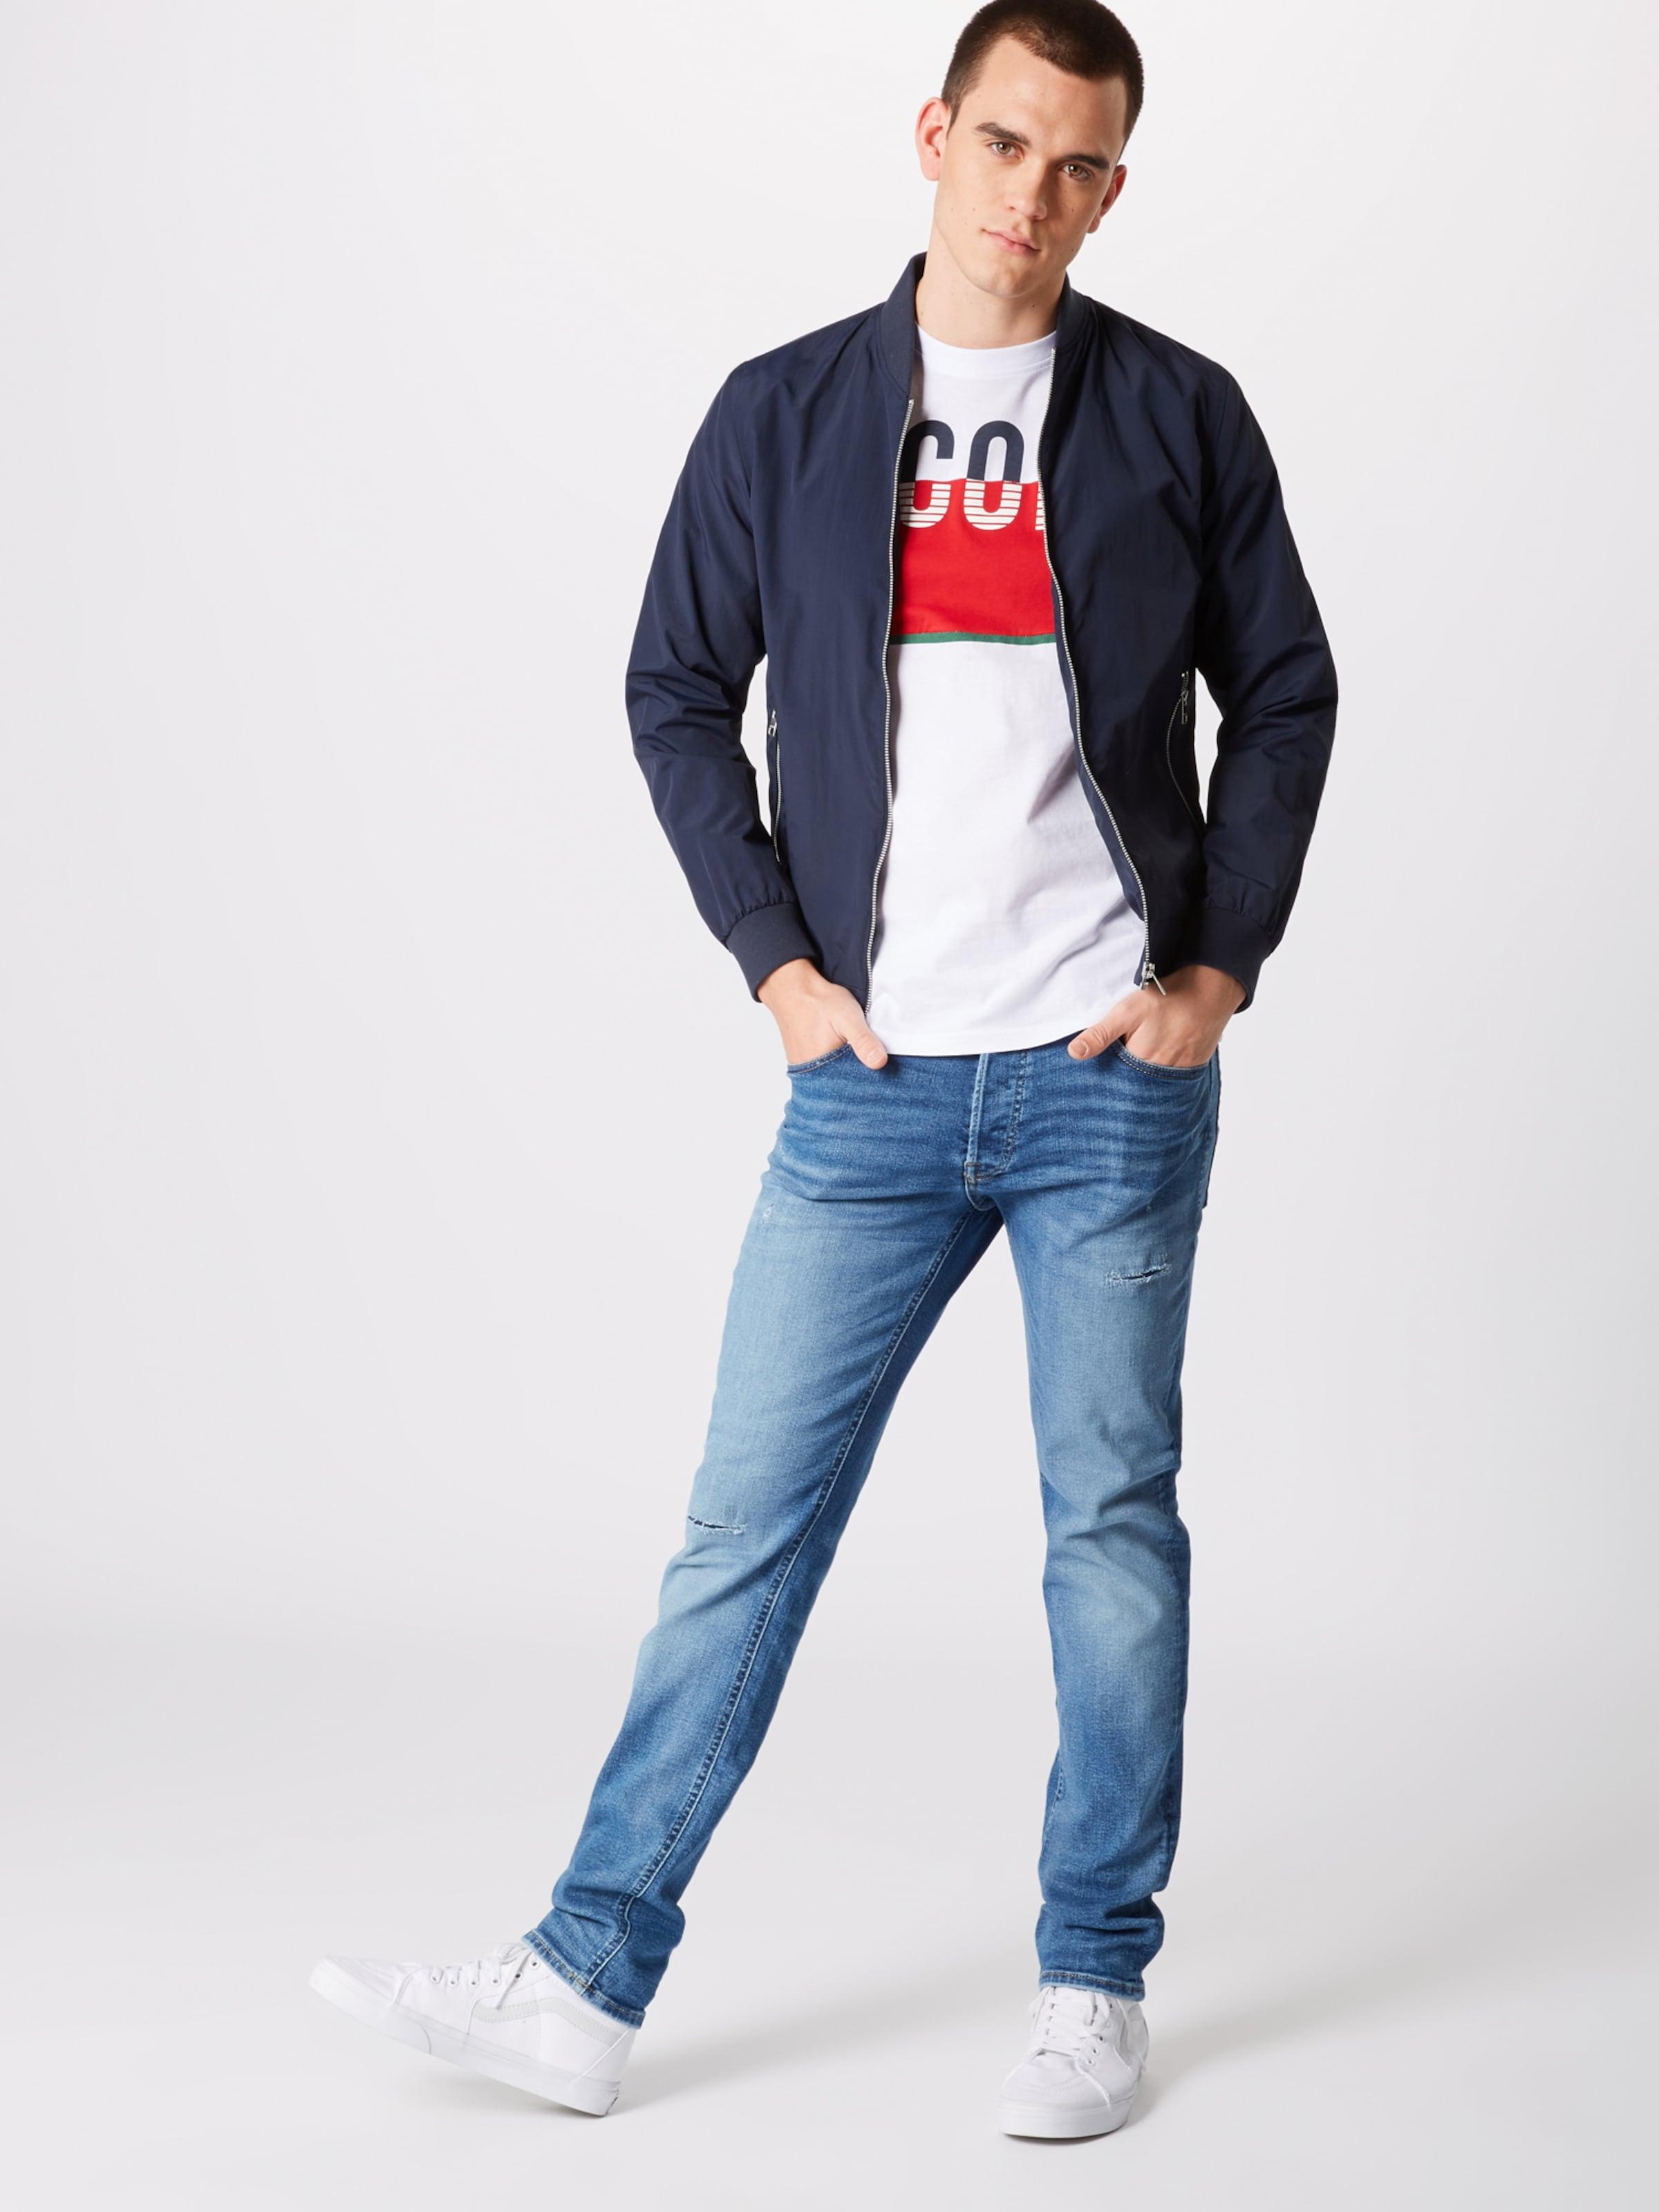 Rouge T CobaltVert Bleu Blanc Jackamp; Jones En shirt Foncé IEDW2H9